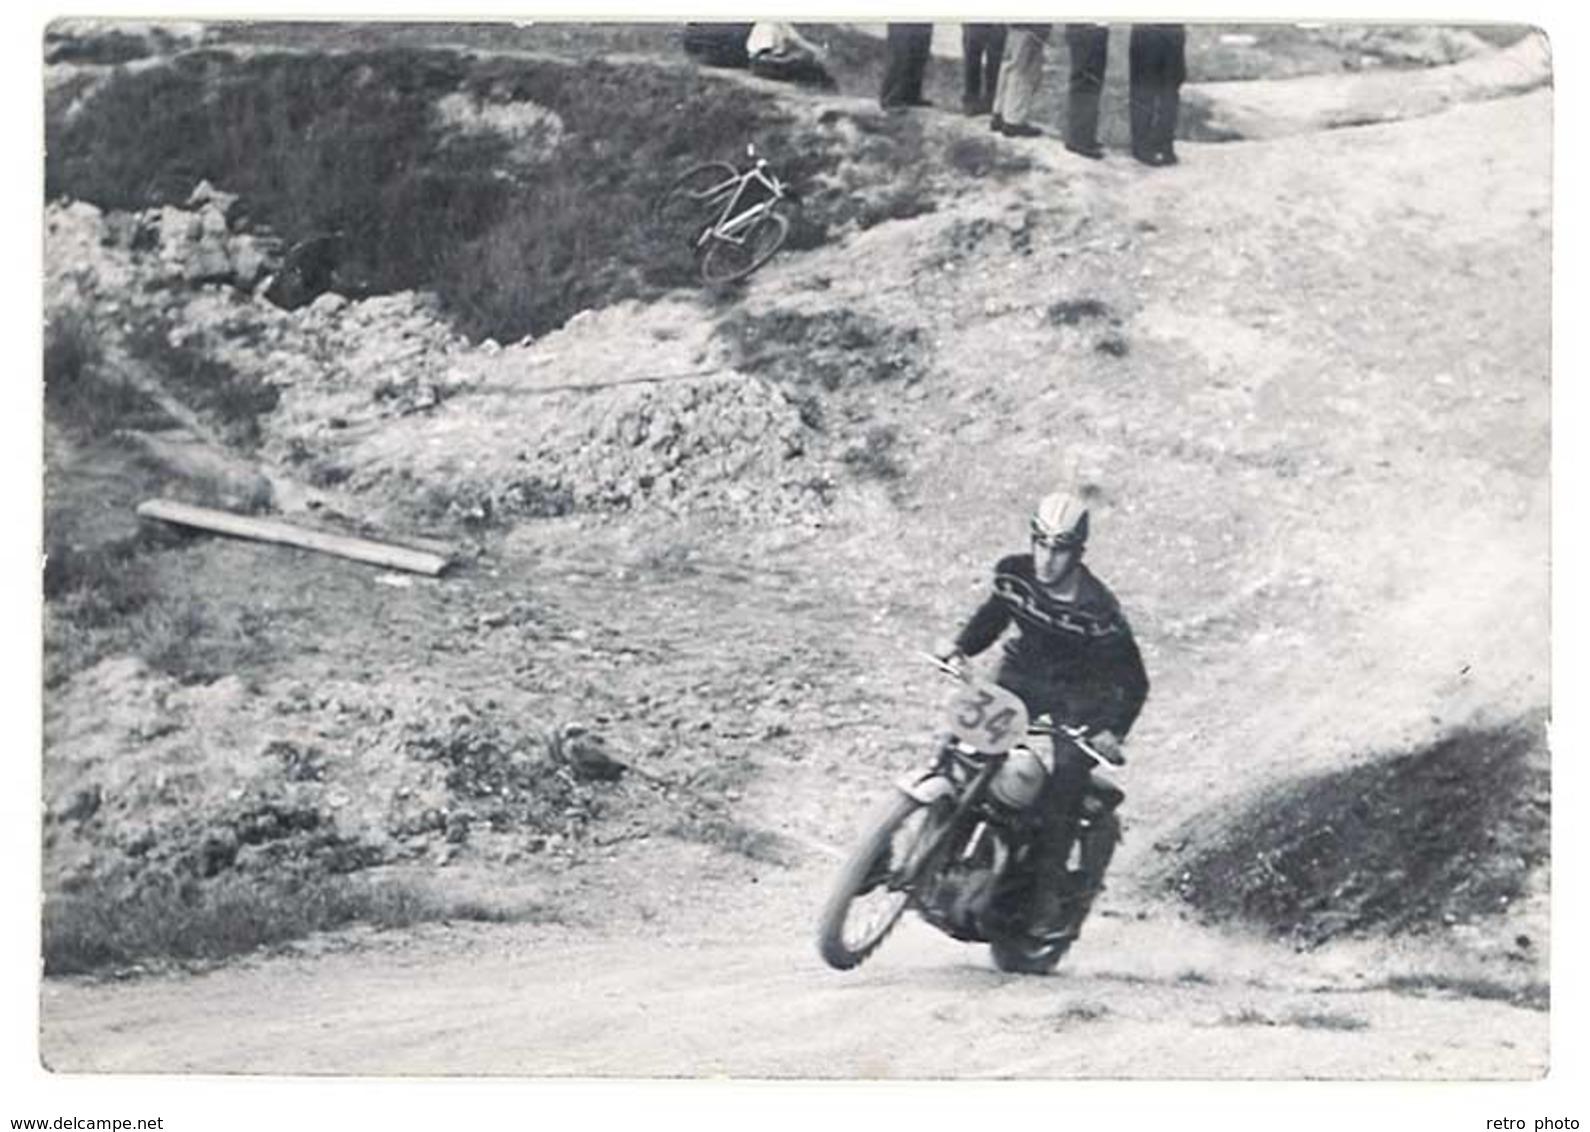 5 Photo Motos Course, Moto Cross - Automobiles